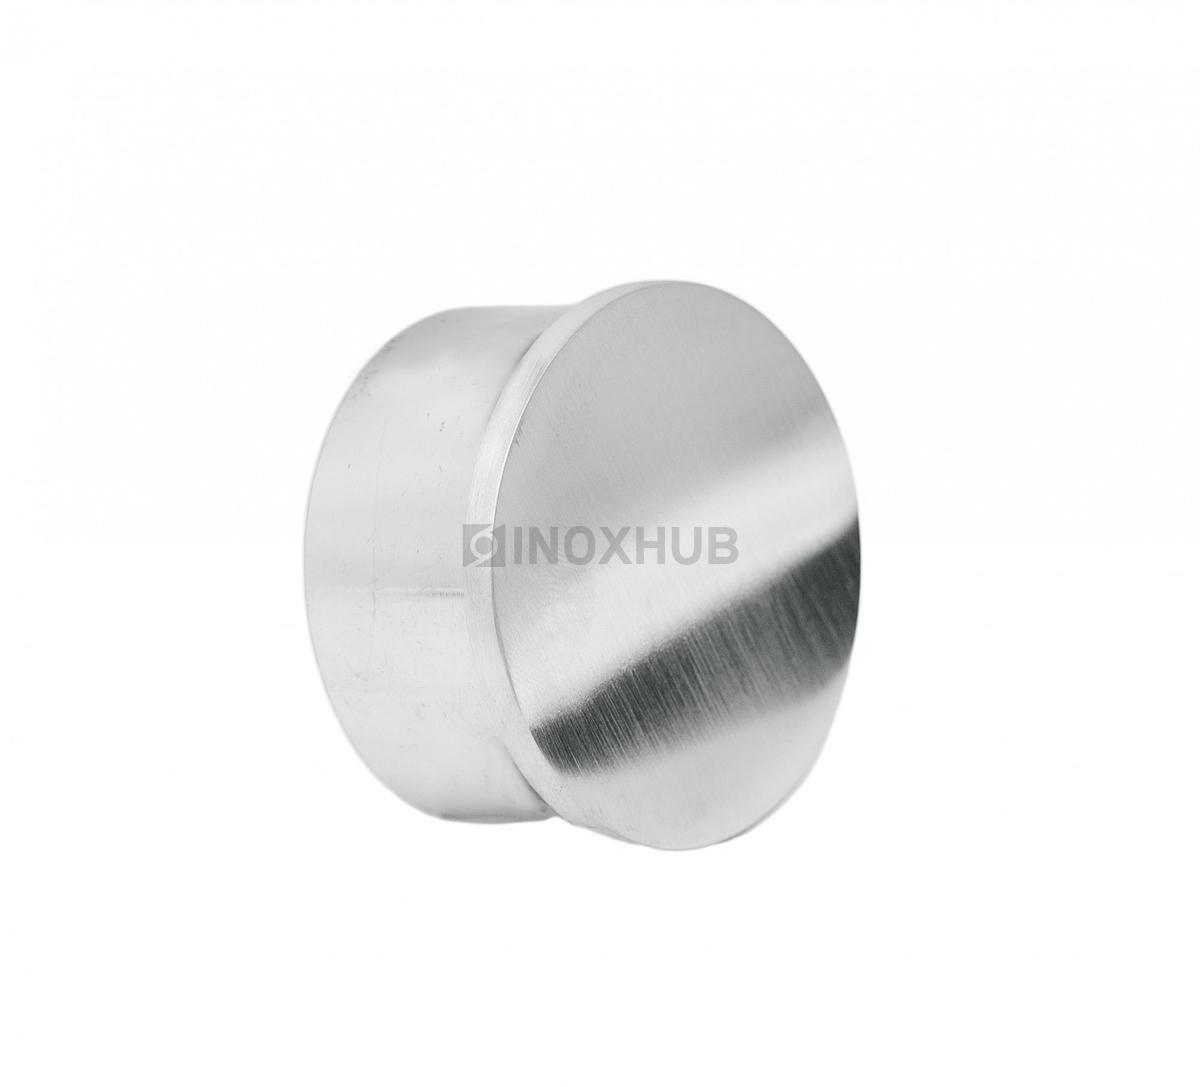 Заглушка для поручня с пазом  Ø48.3 мм AISI 304 GRIT 320